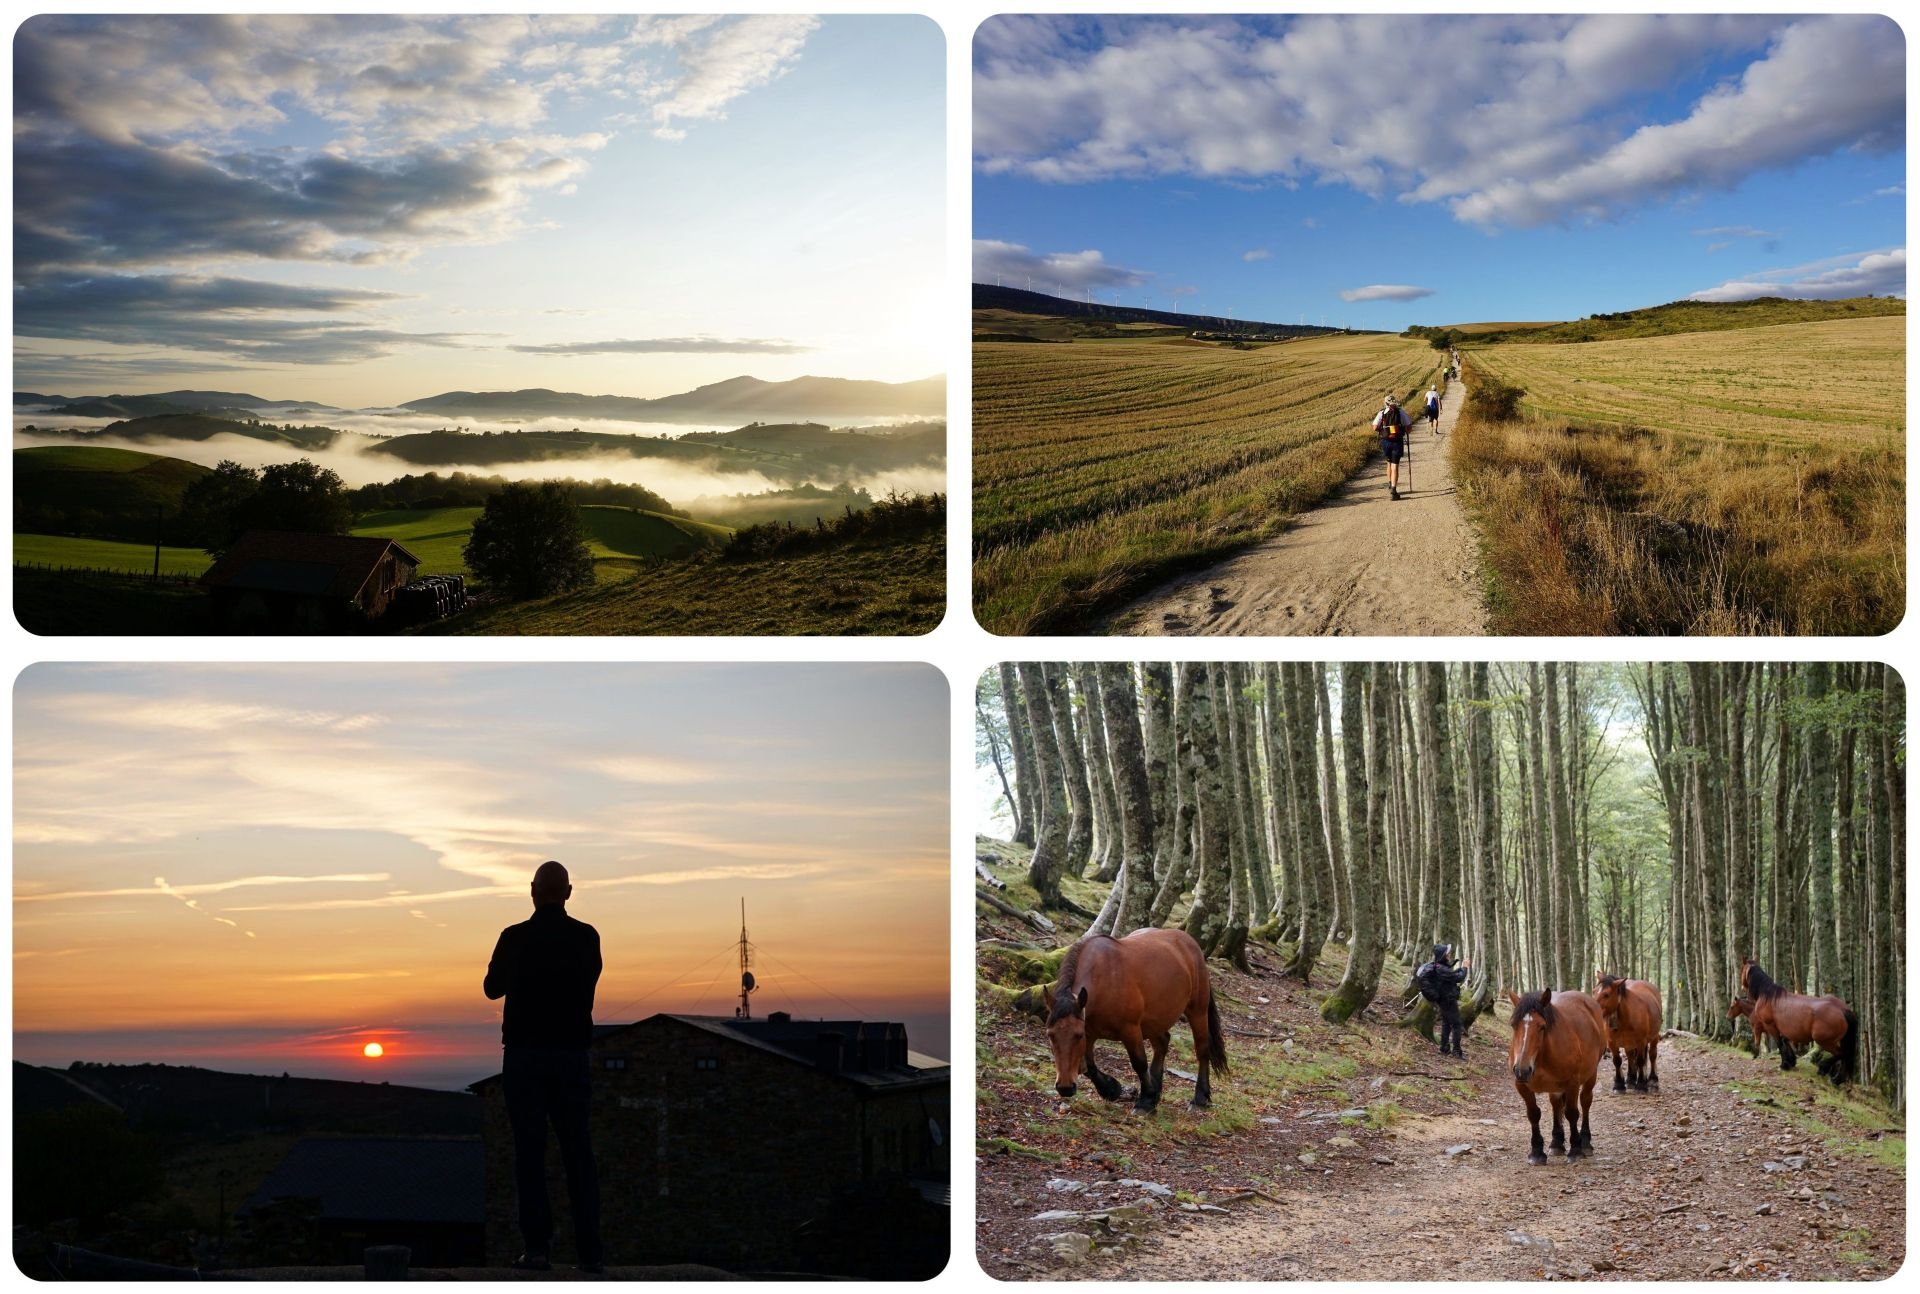 Camino de Santiago postcards